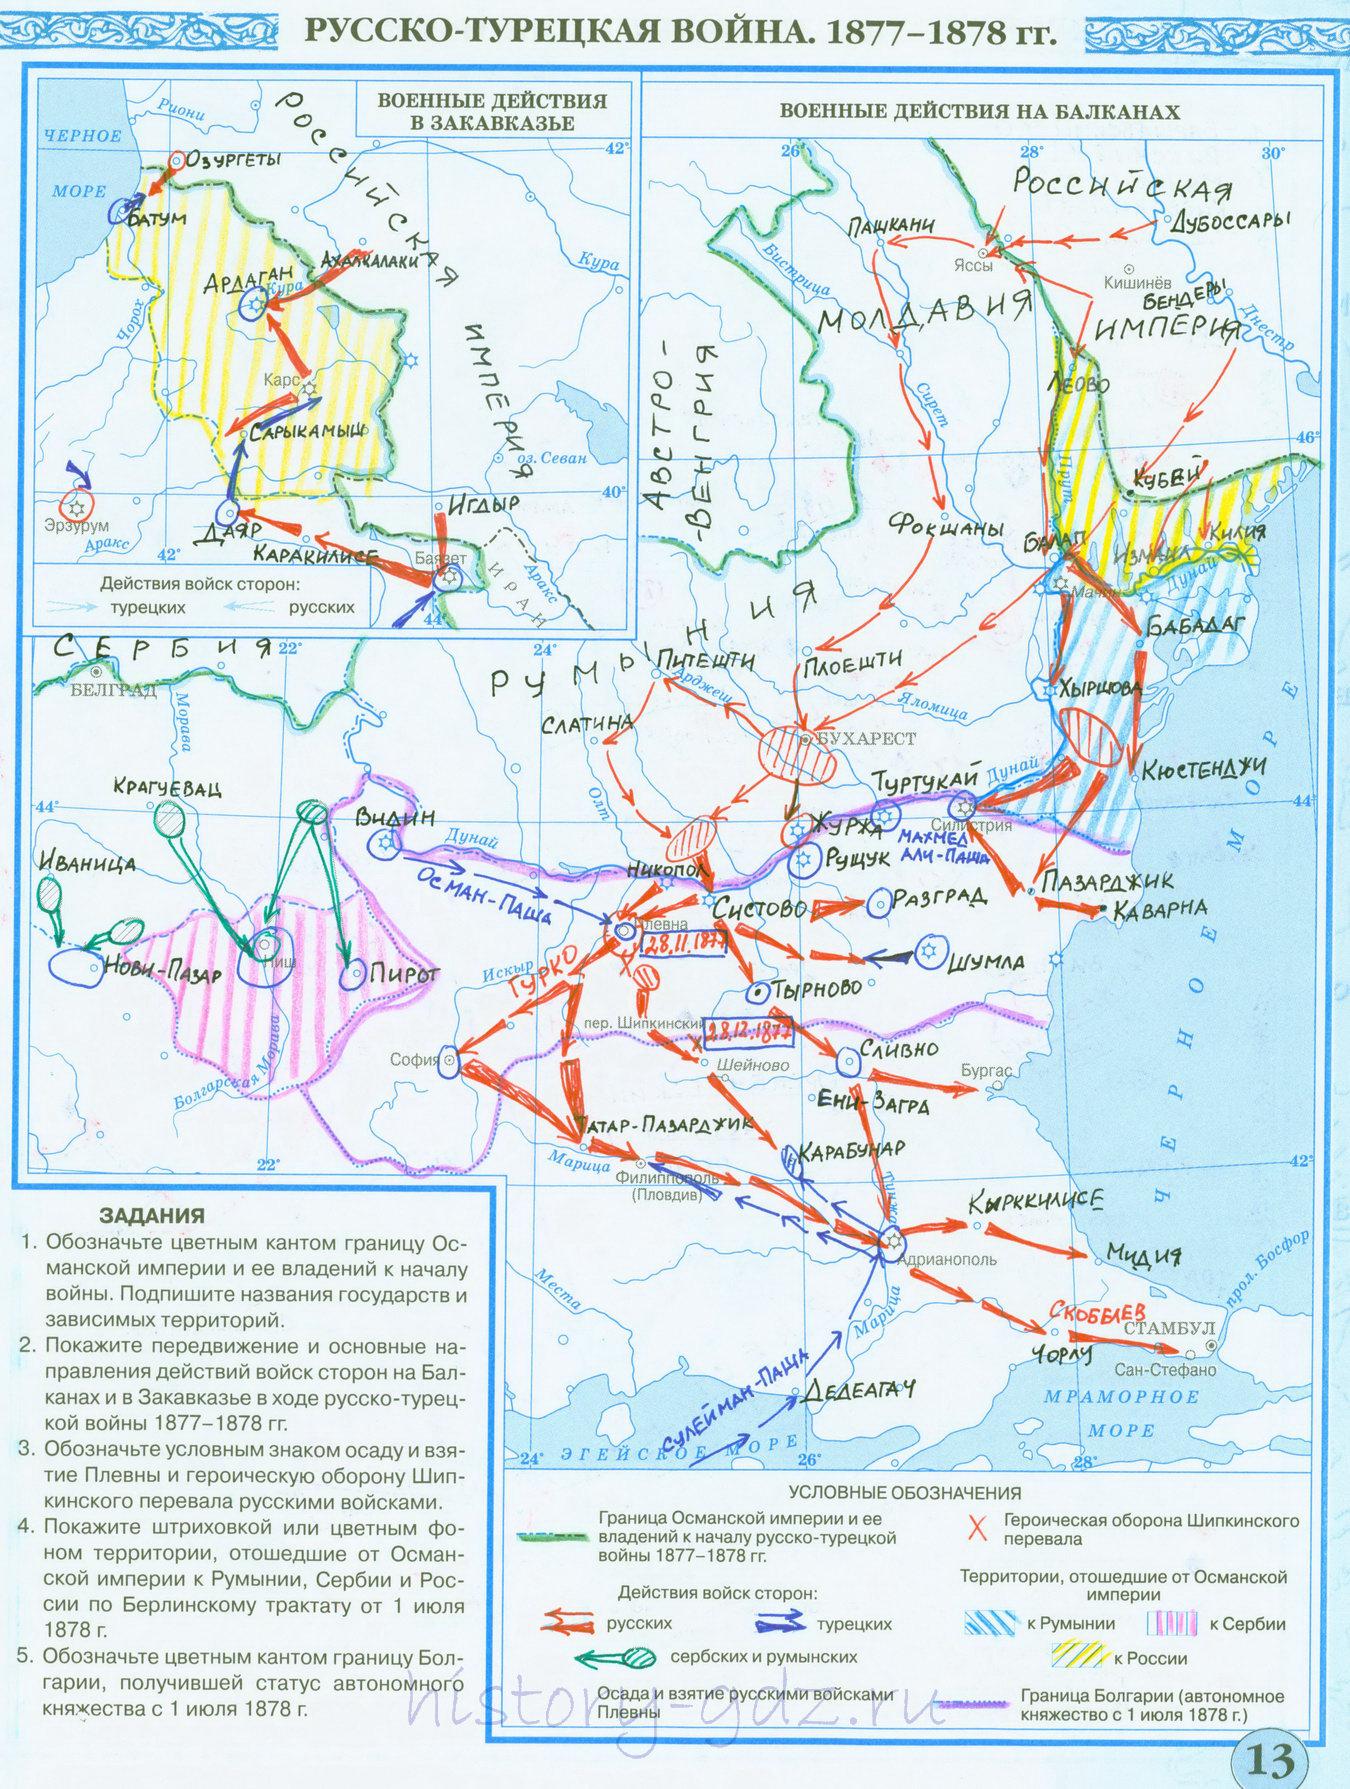 Гдз контурные карты по истории 8 класс дрофа